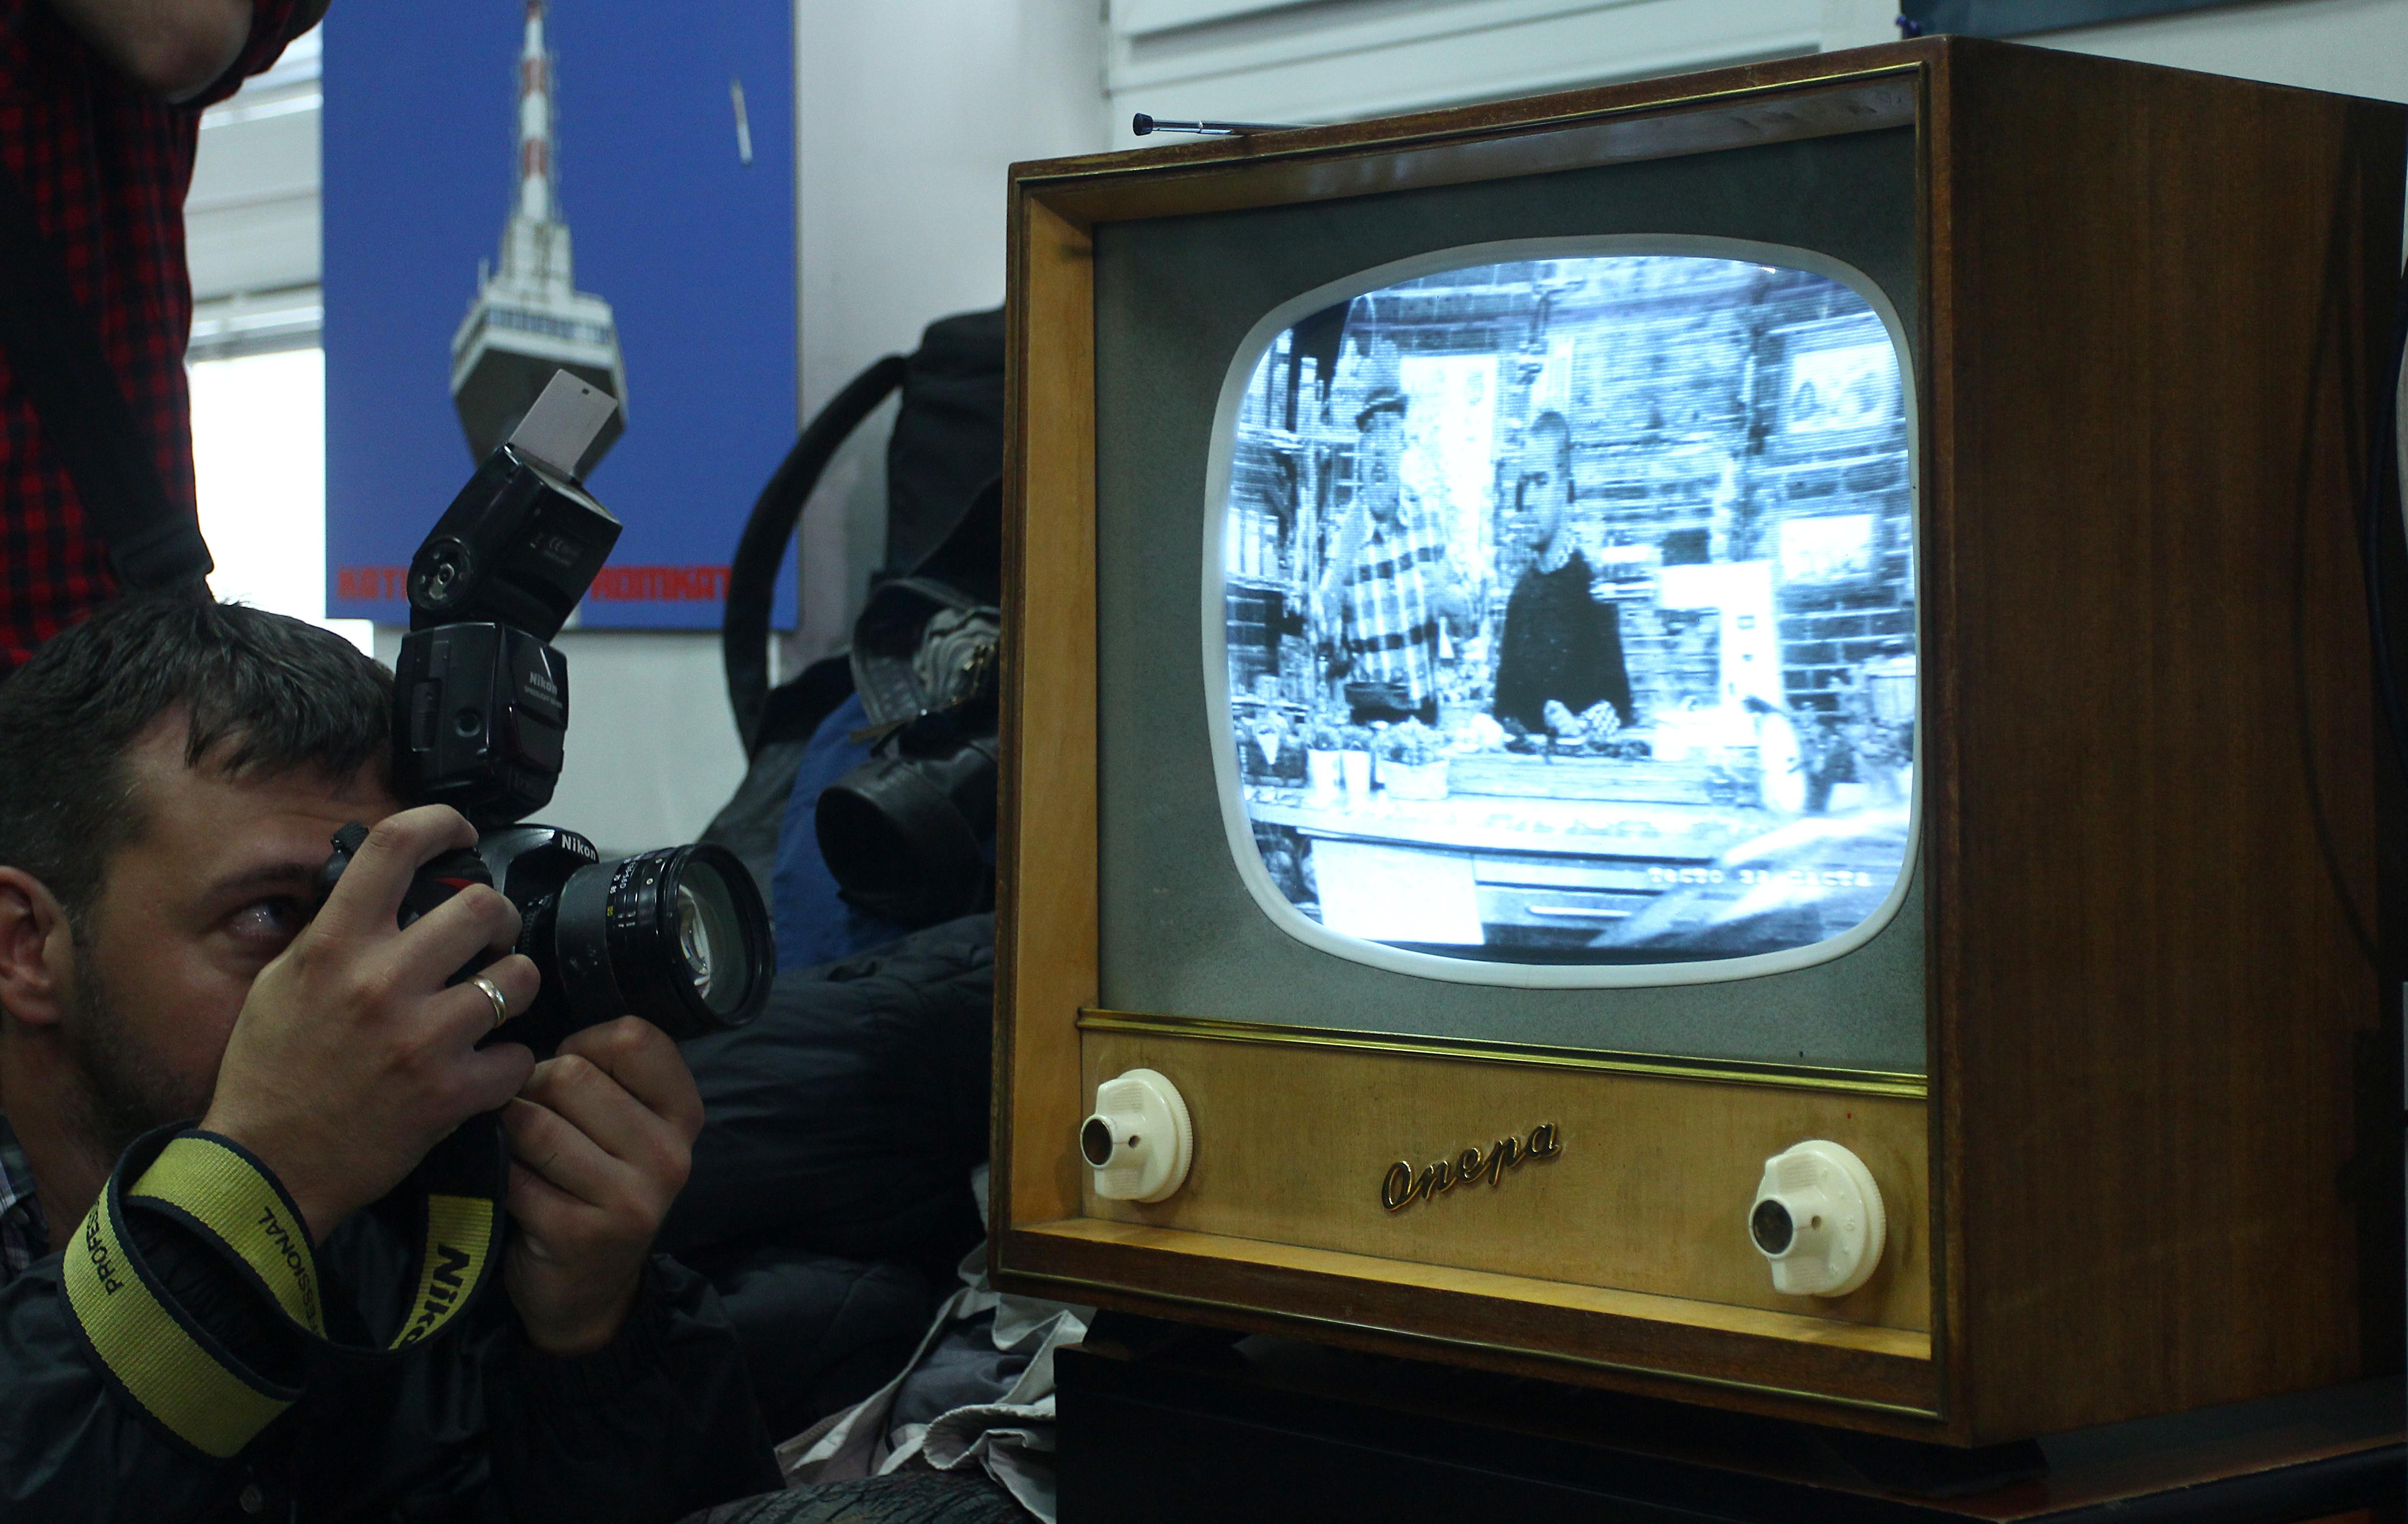 Аналоговият ТВ сигнал спрян окончателно, 100 000 са без телевизия